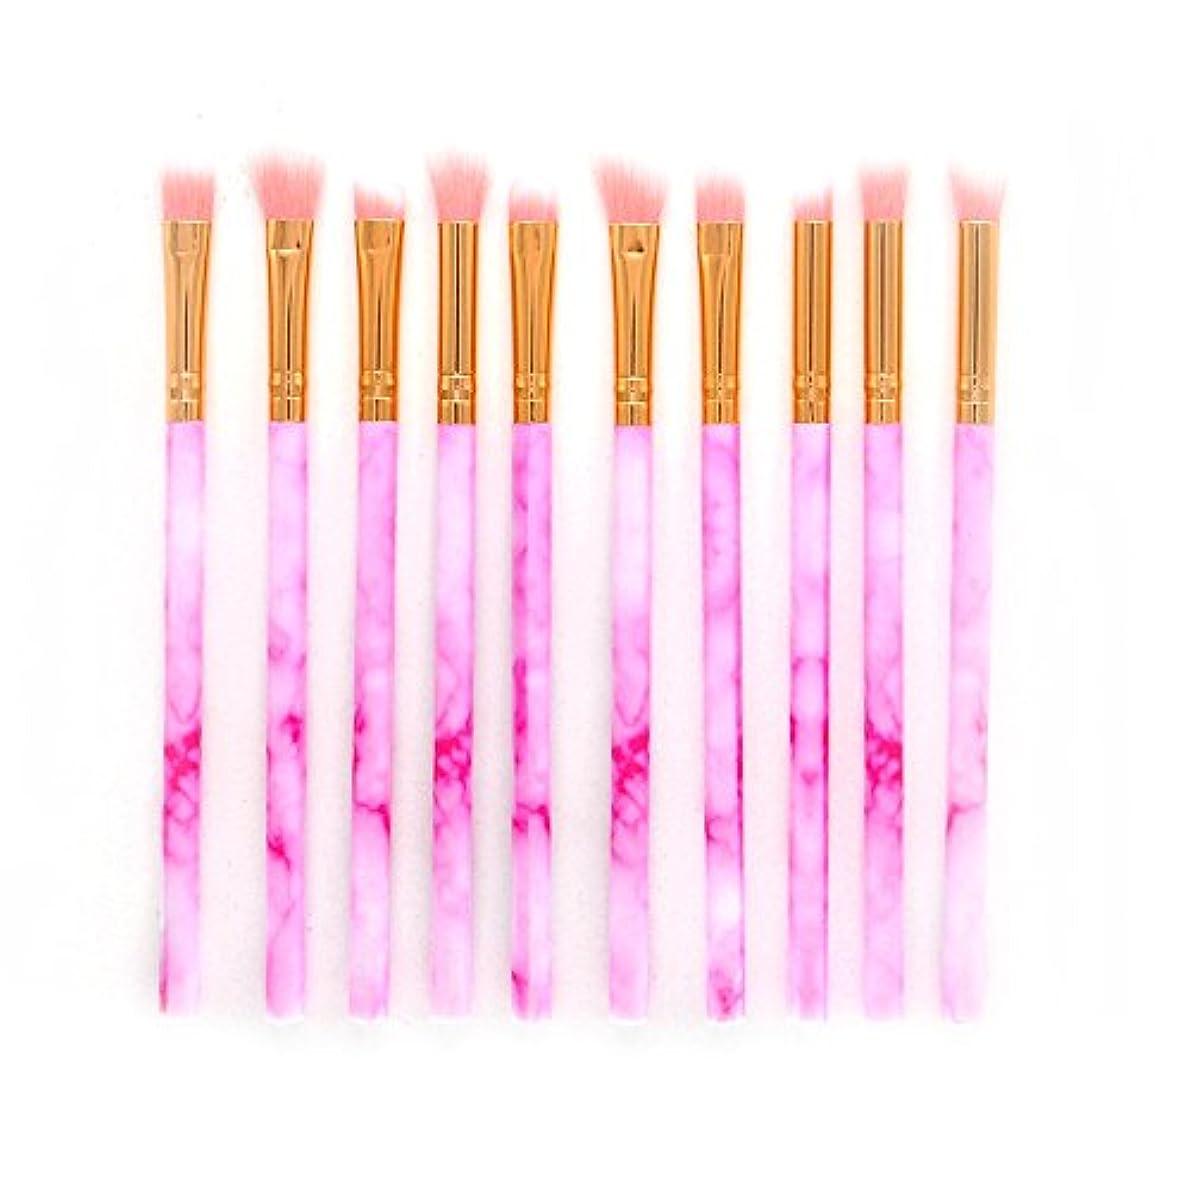 刺激する鬼ごっこ分笑え熊 化粧筆 メイク 筆 限定版 アイシャドーブラシ 10本セット 化粧ブラシ おしゃれ 日常の化粧 集まる化粧